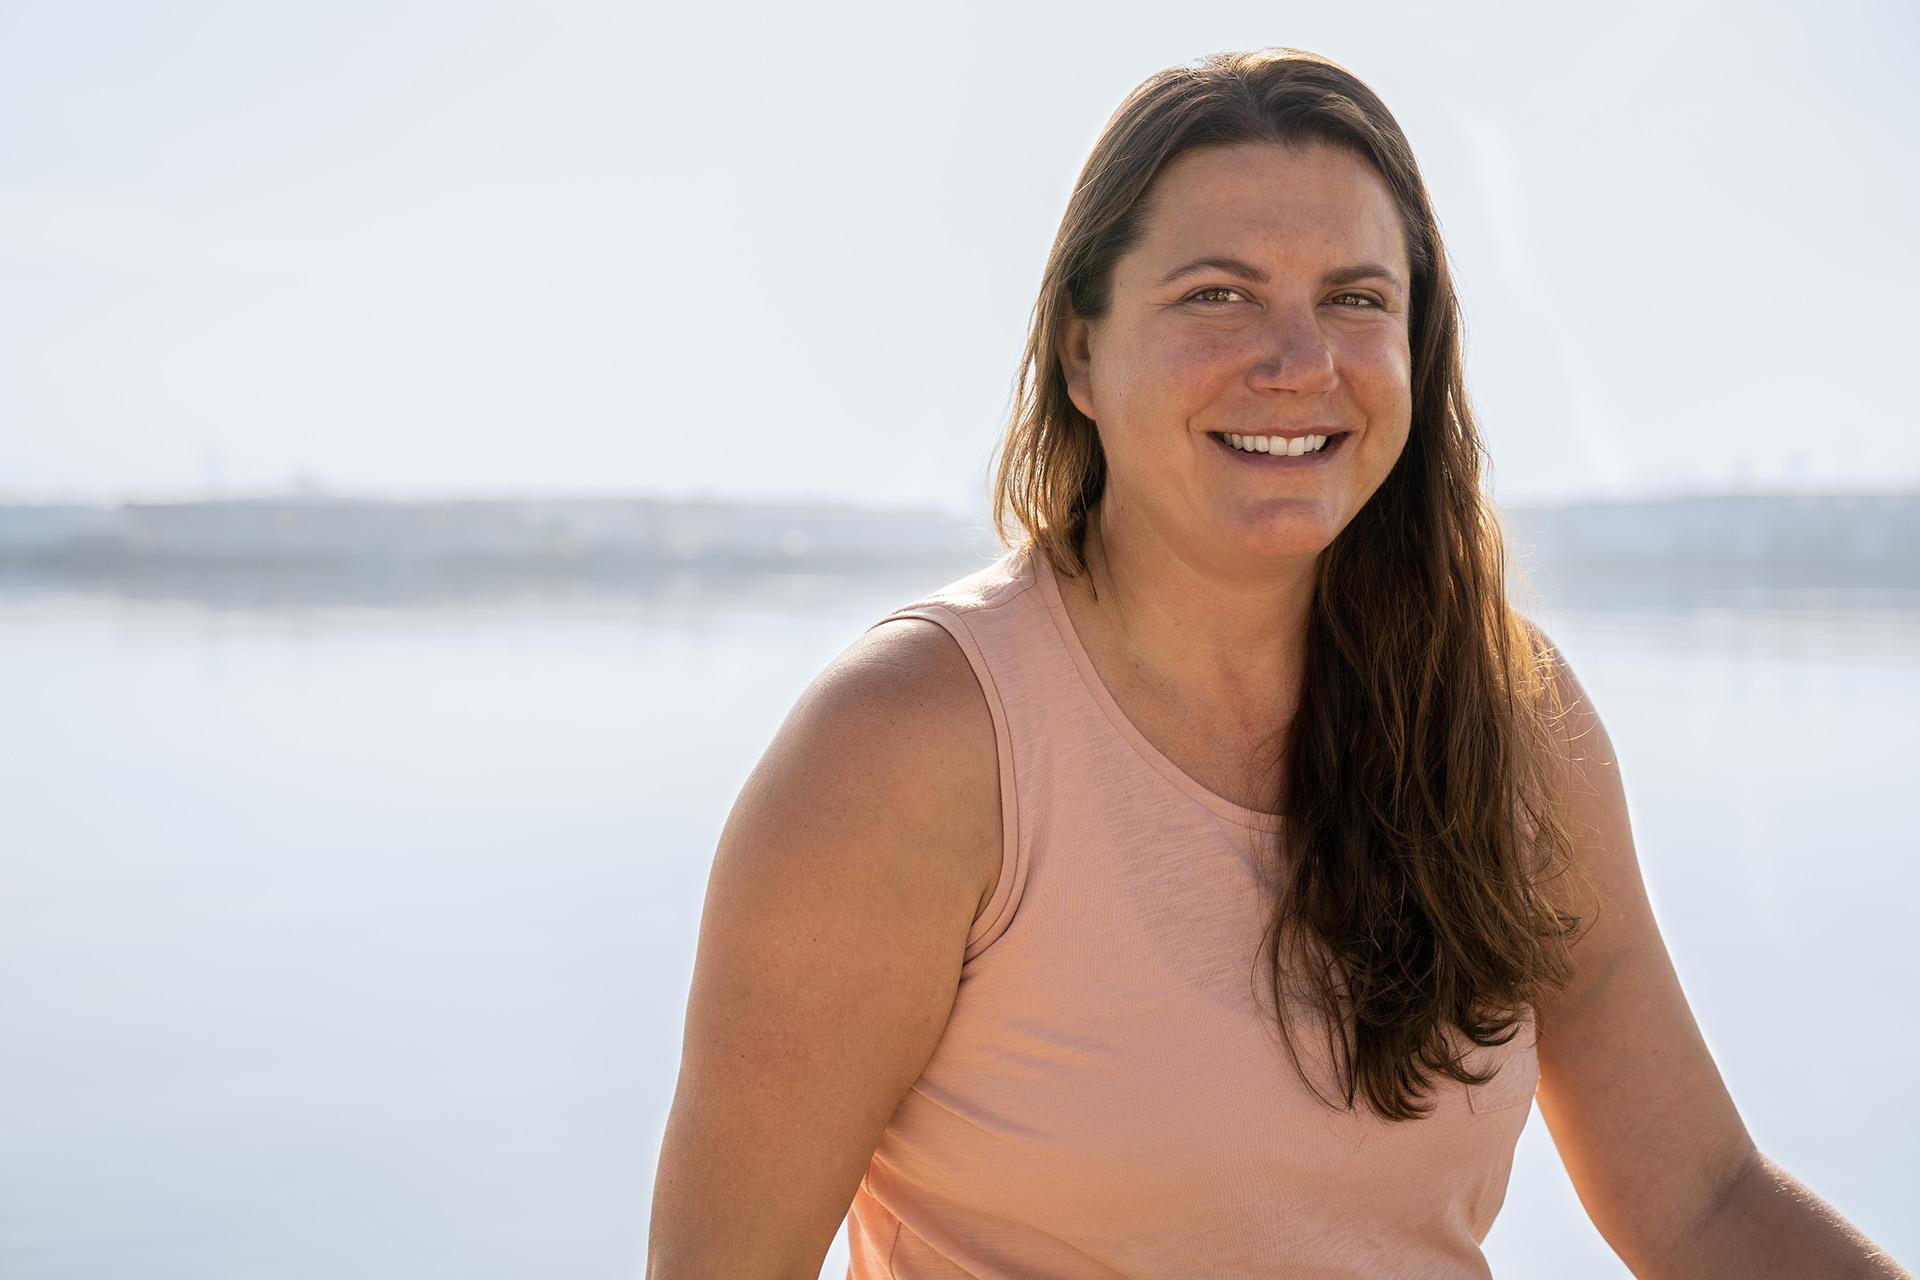 Heather Burdick